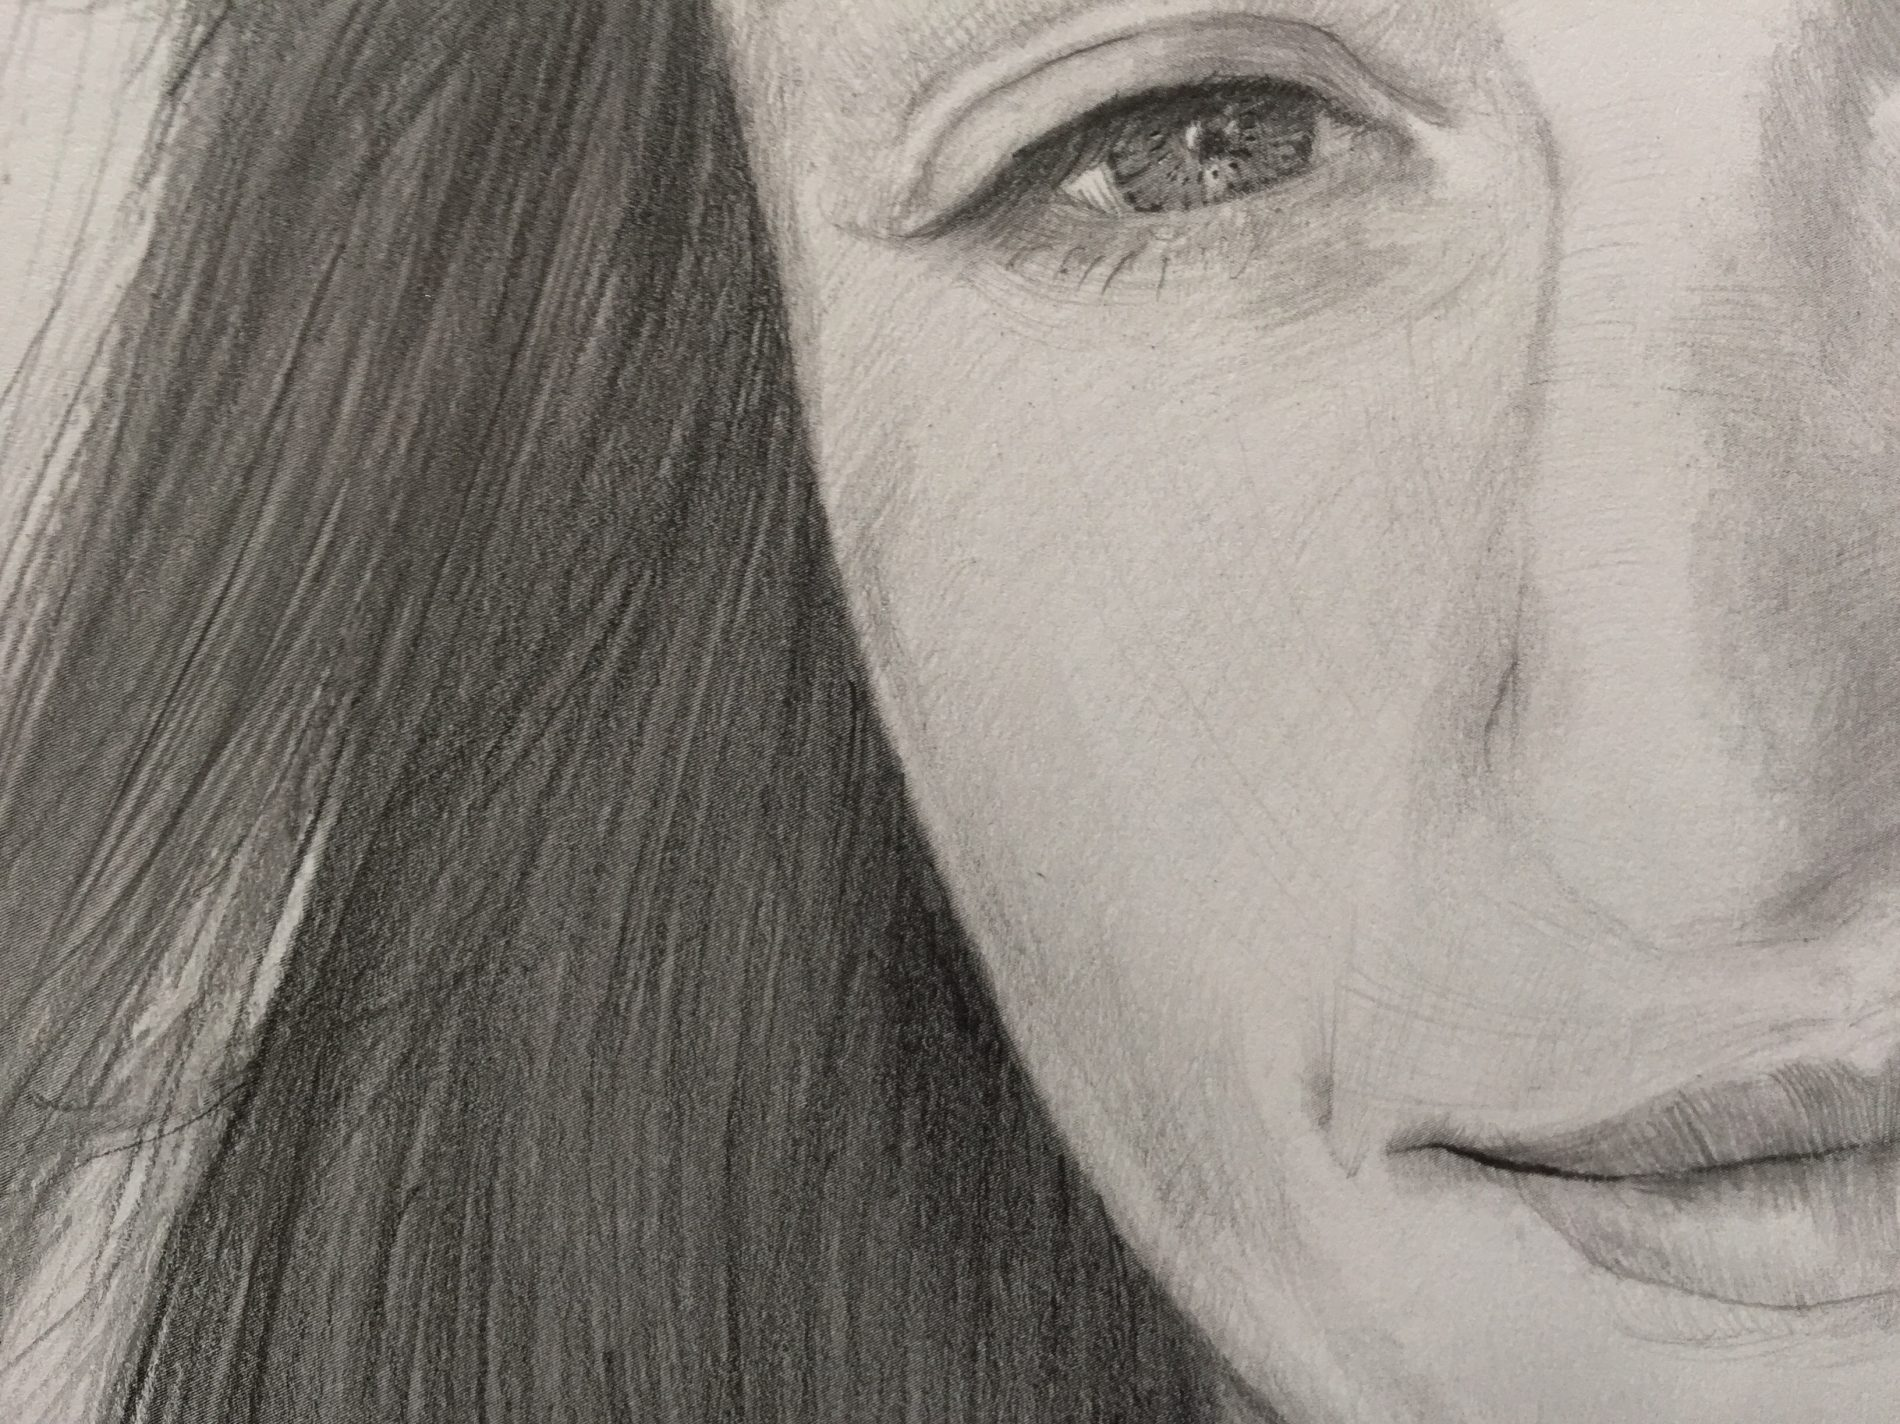 retratos-por-encargo-27-detalle-e1488879016966